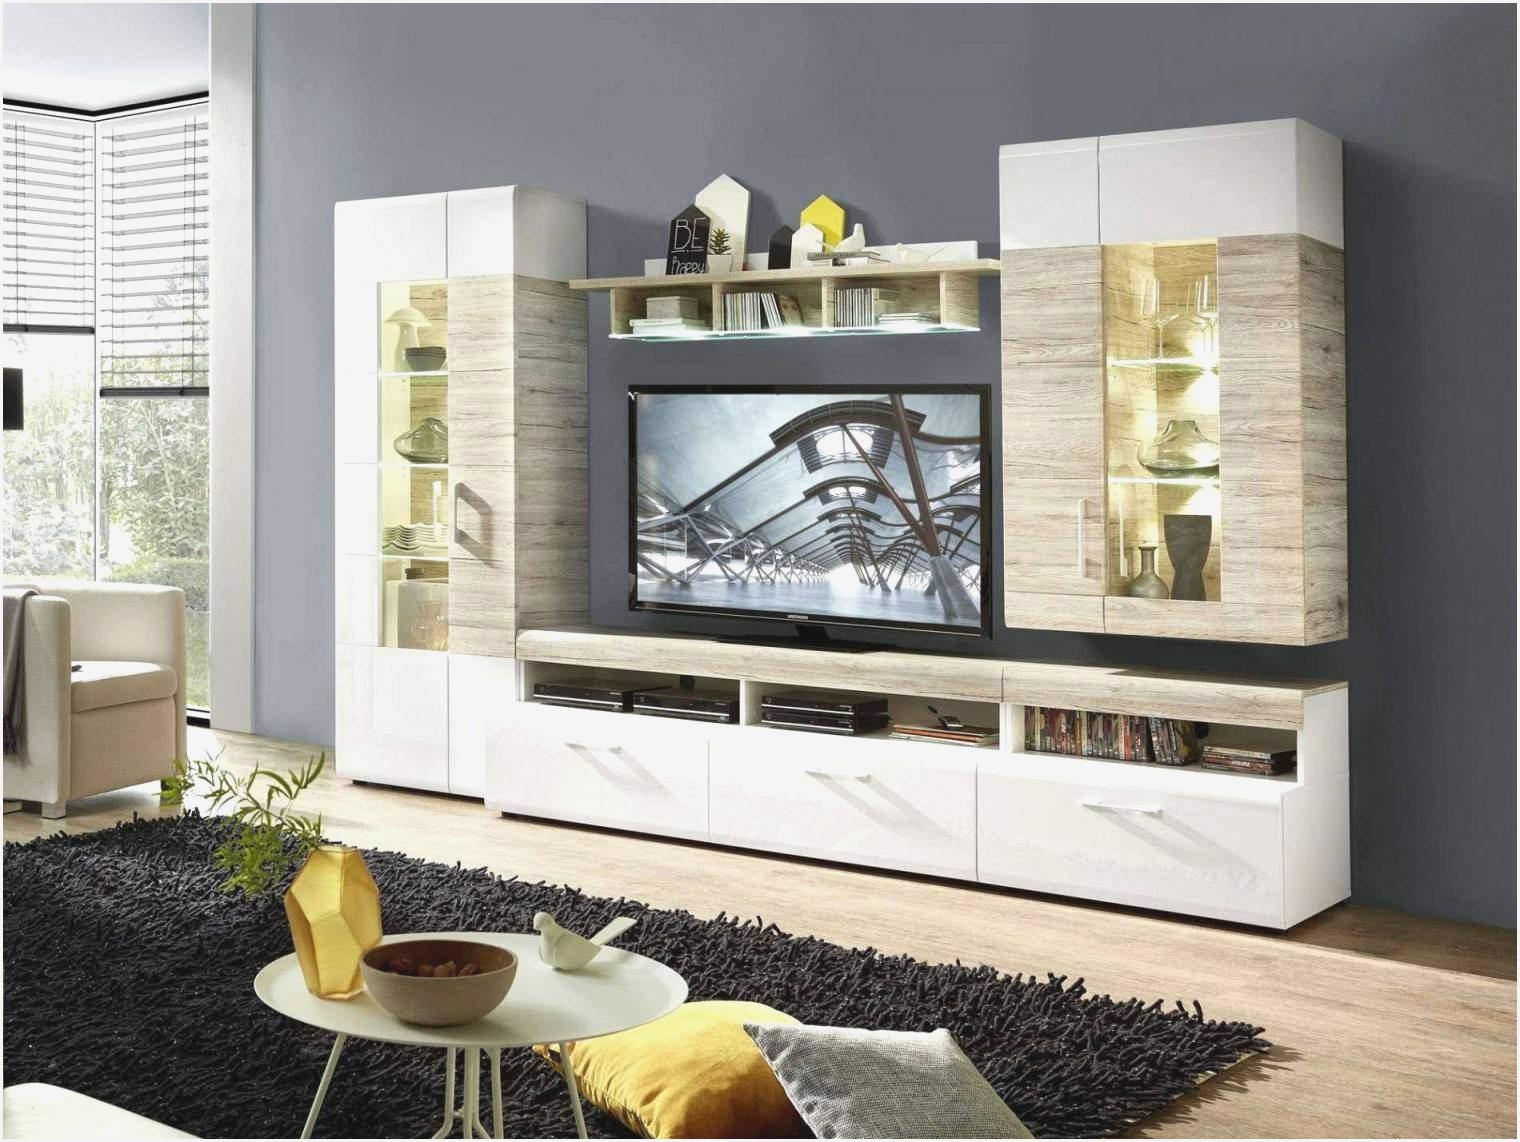 Full Size of Inspiration Wohnzimmer Besta Wohnzimmerschrank Ikea Küche Kosten Sofa Mit Schlaffunktion Miniküche Modulküche Kaufen Betten 160x200 Bei Wohnzimmer Ikea Wohnzimmerschrank